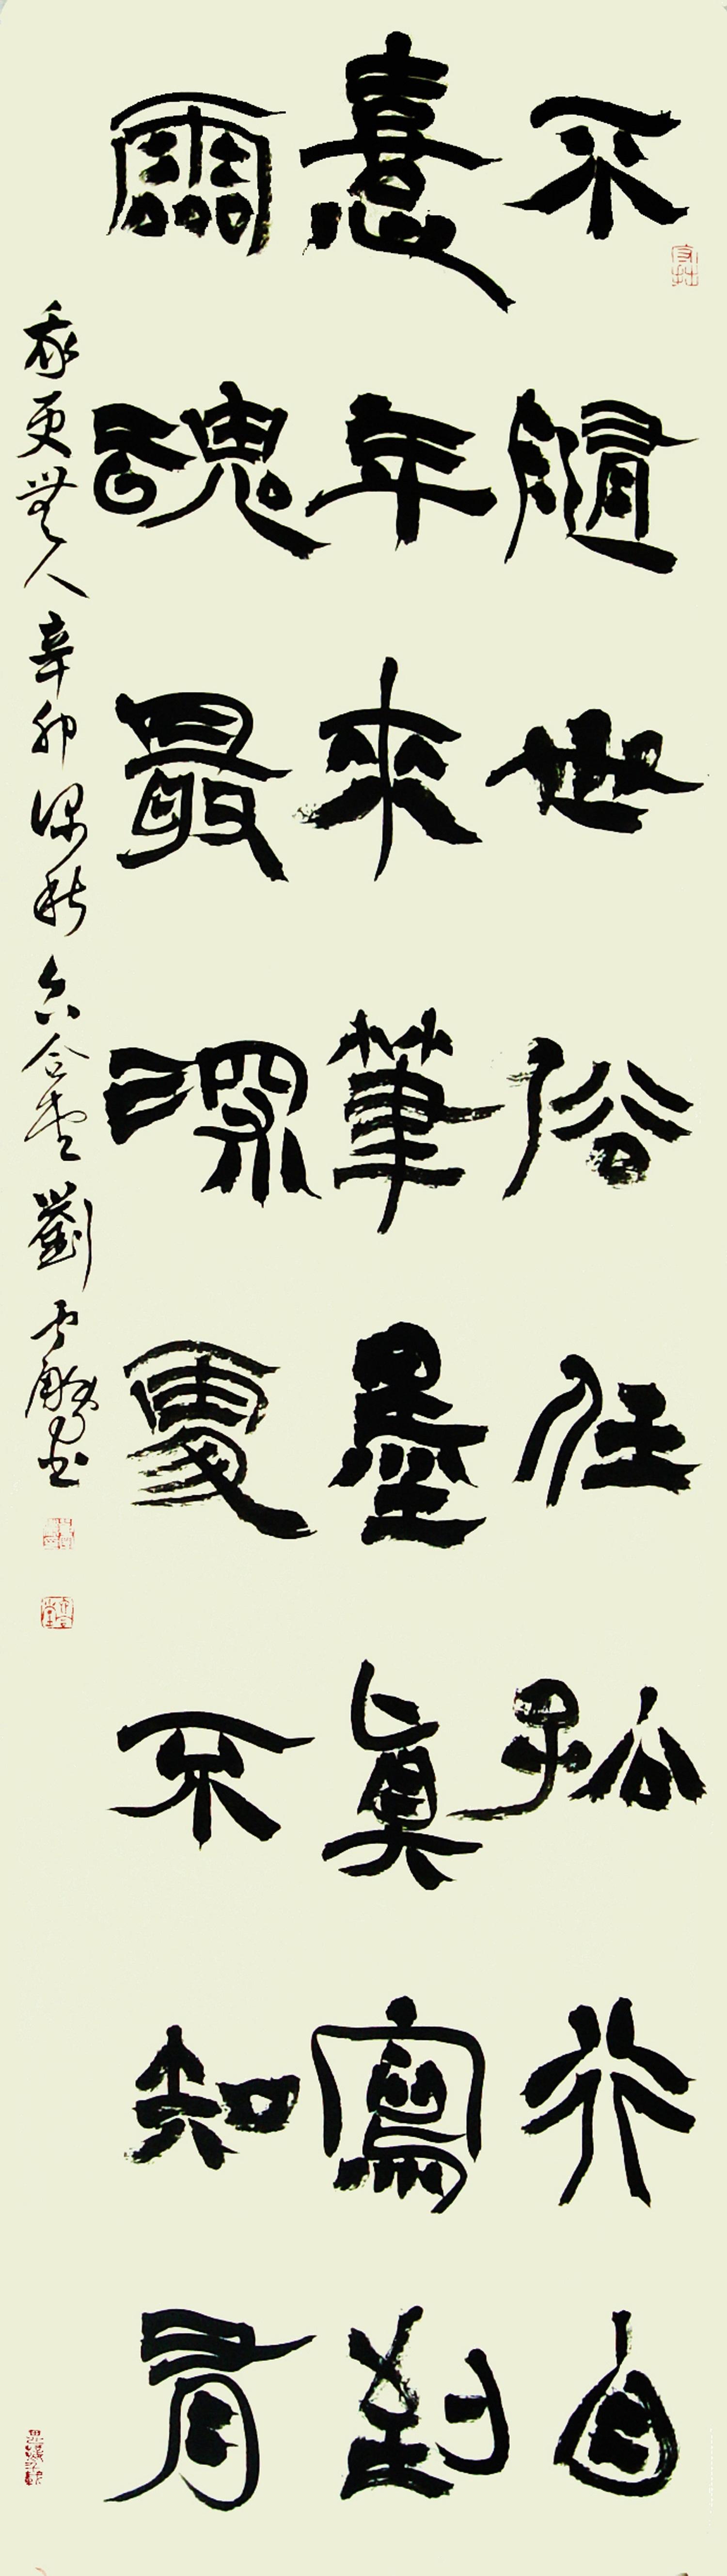 刘云鹏隶书《林散之诗一首》图片